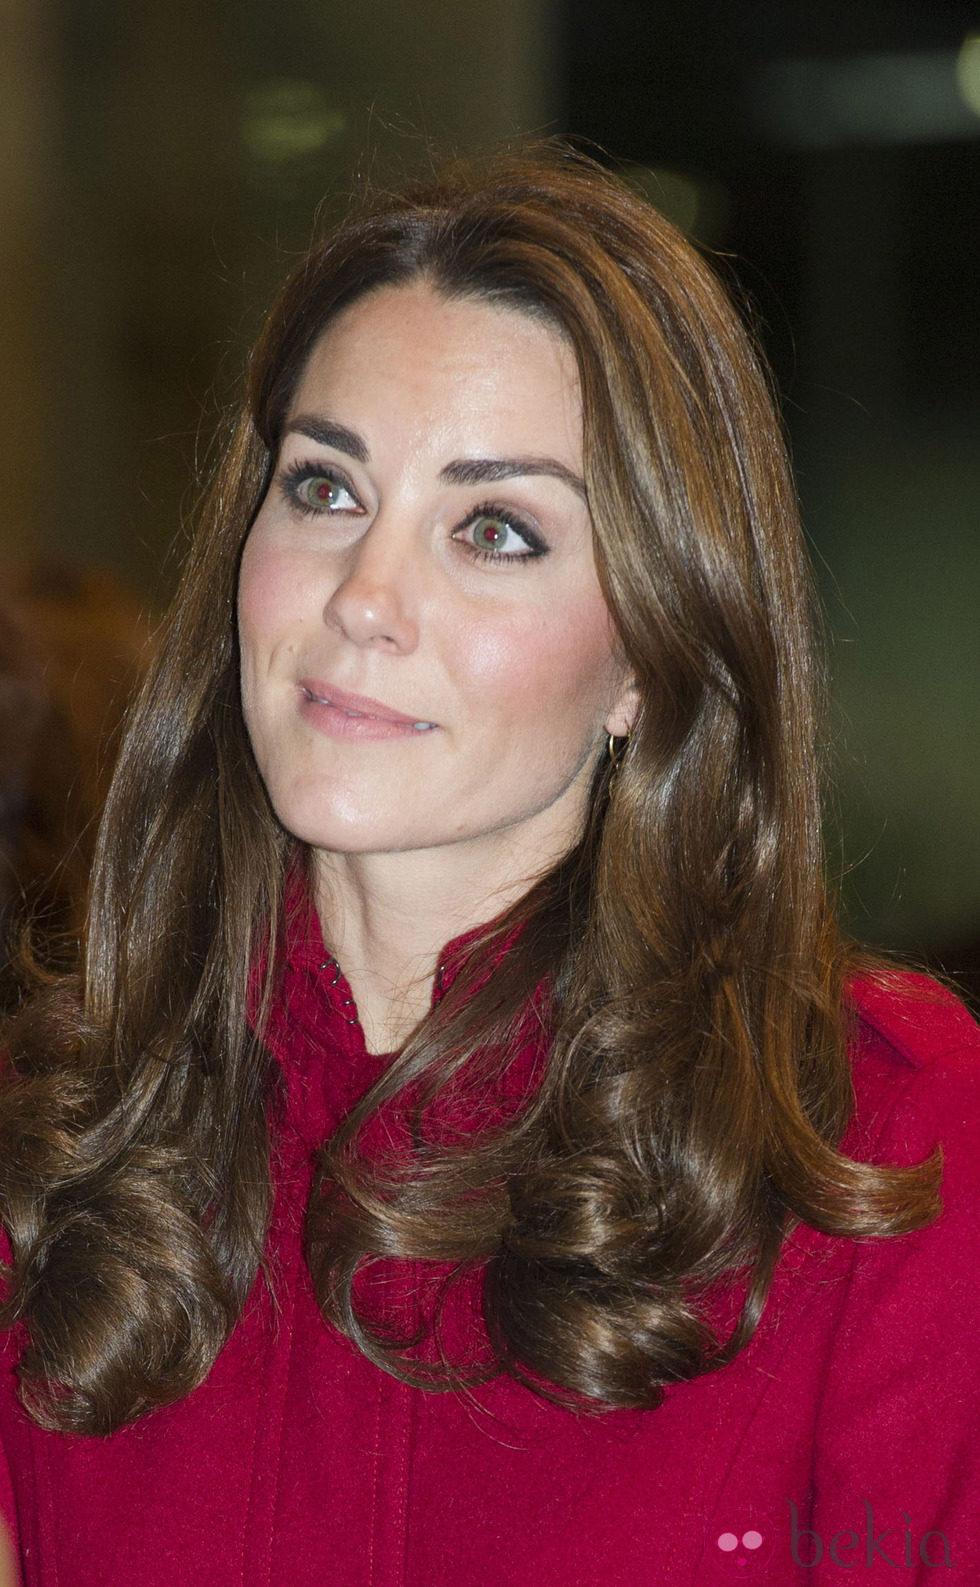 Kate Middleton con maquillaje nude y puntas marcadas